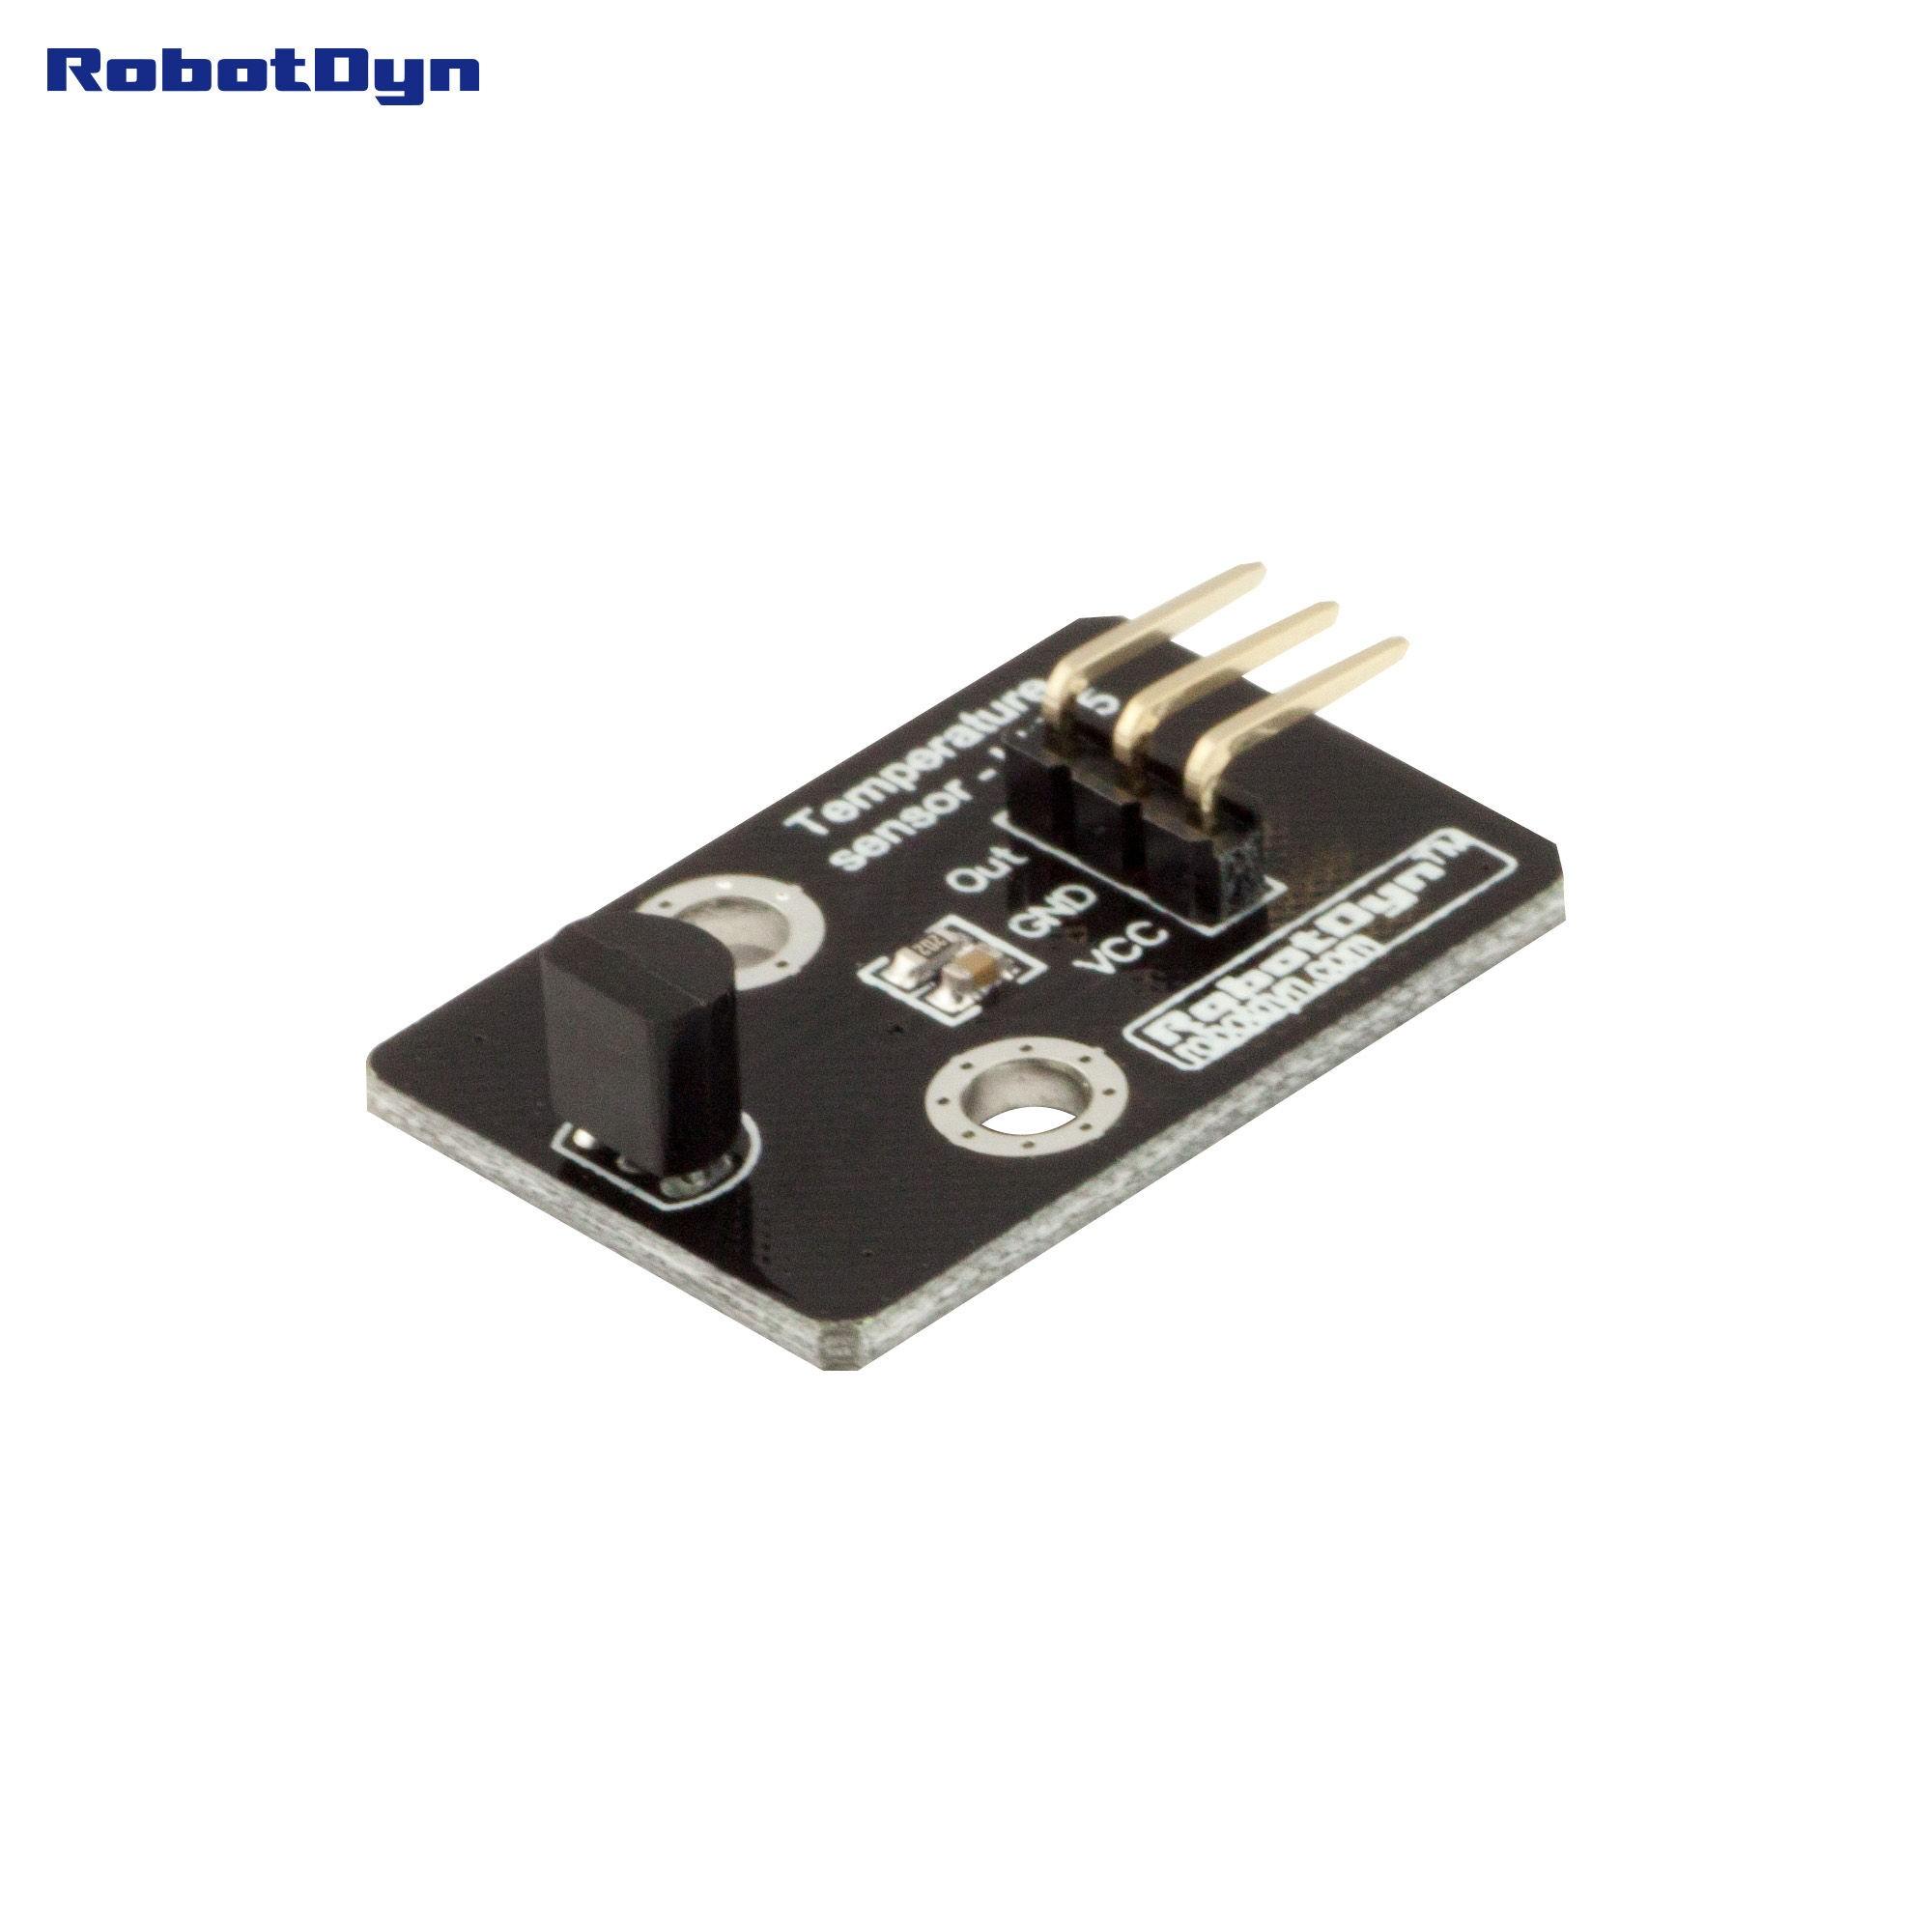 Temperature Sensor - LM35 - Green Electronics Store